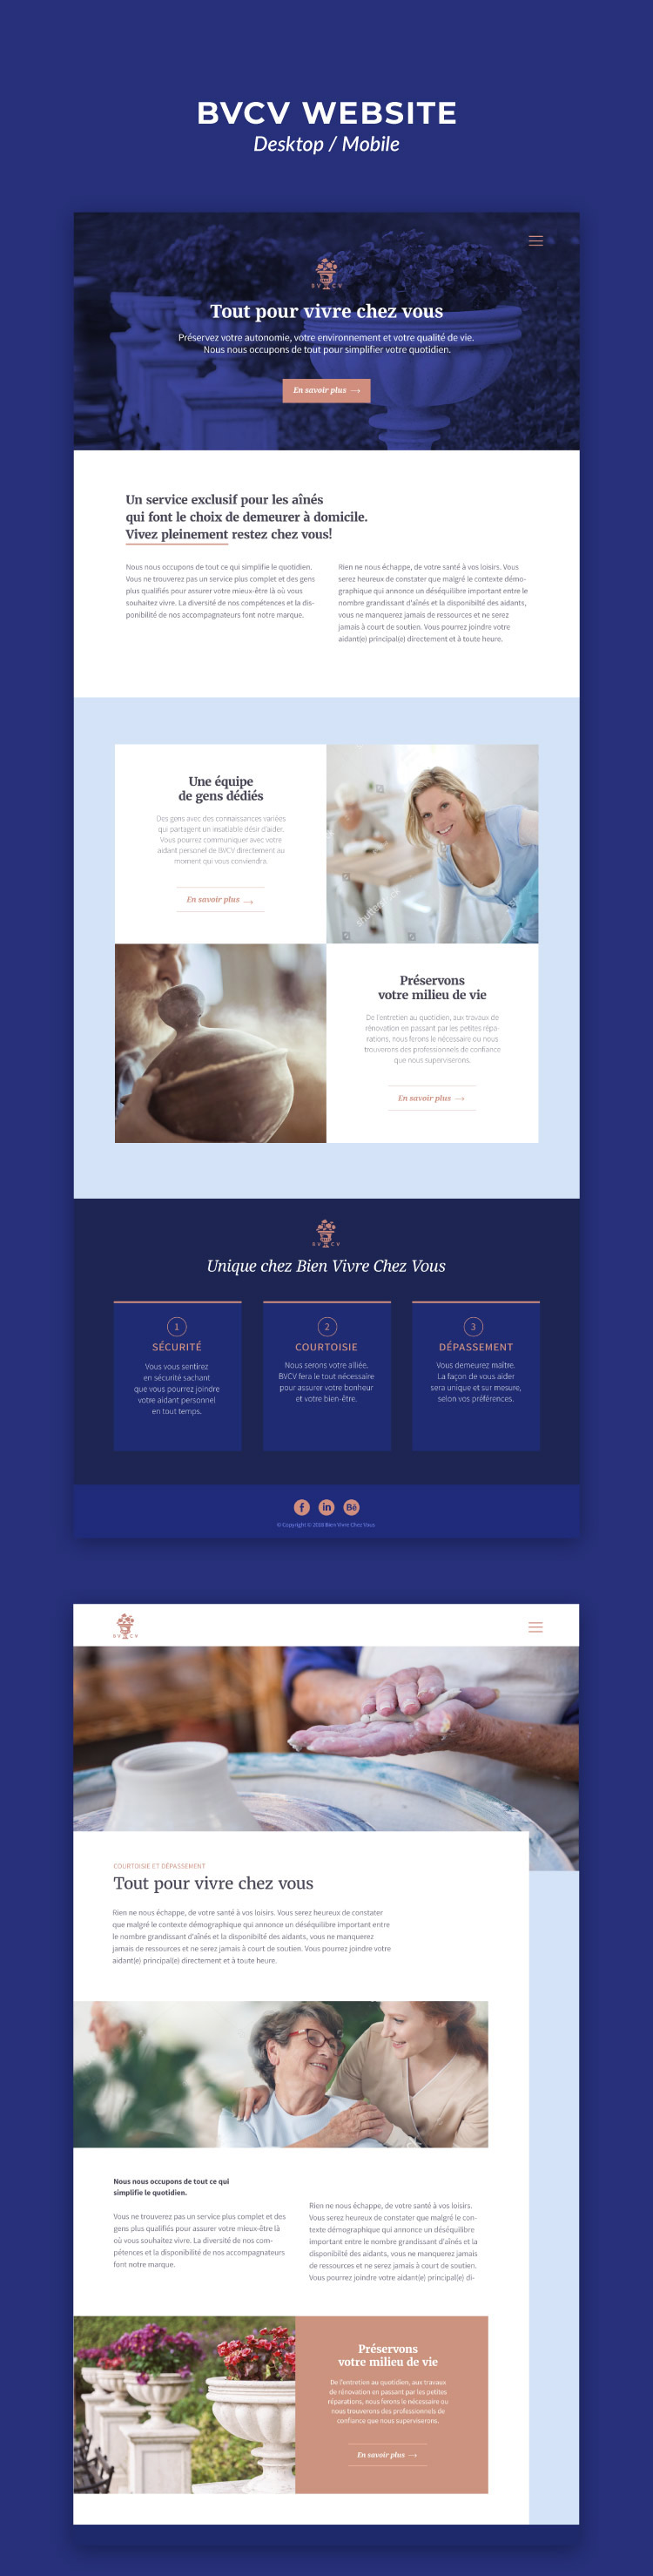 Conception du site Web BVCV - version desktop